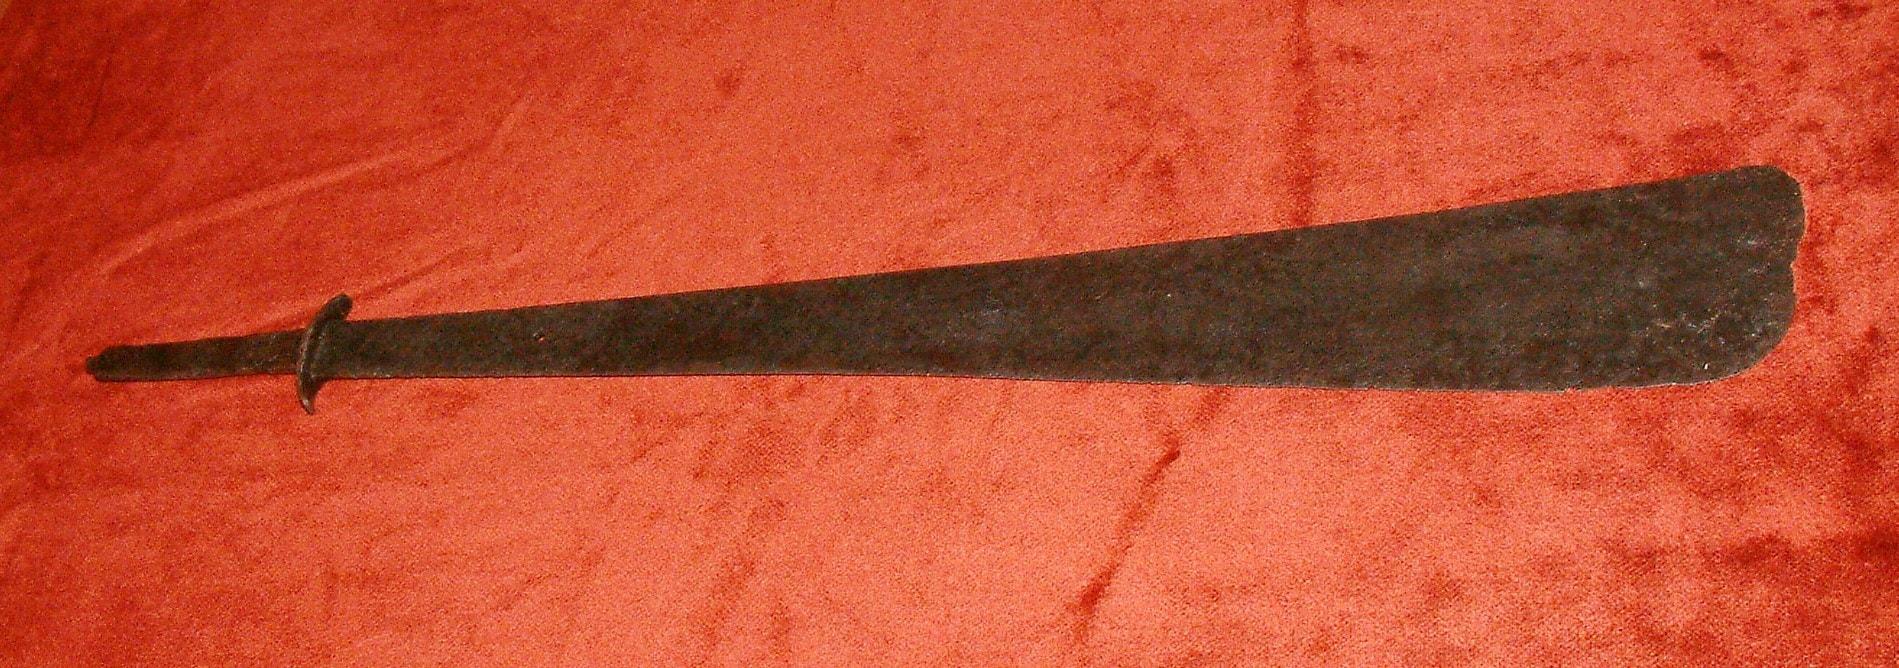 Sword of Saint Peter